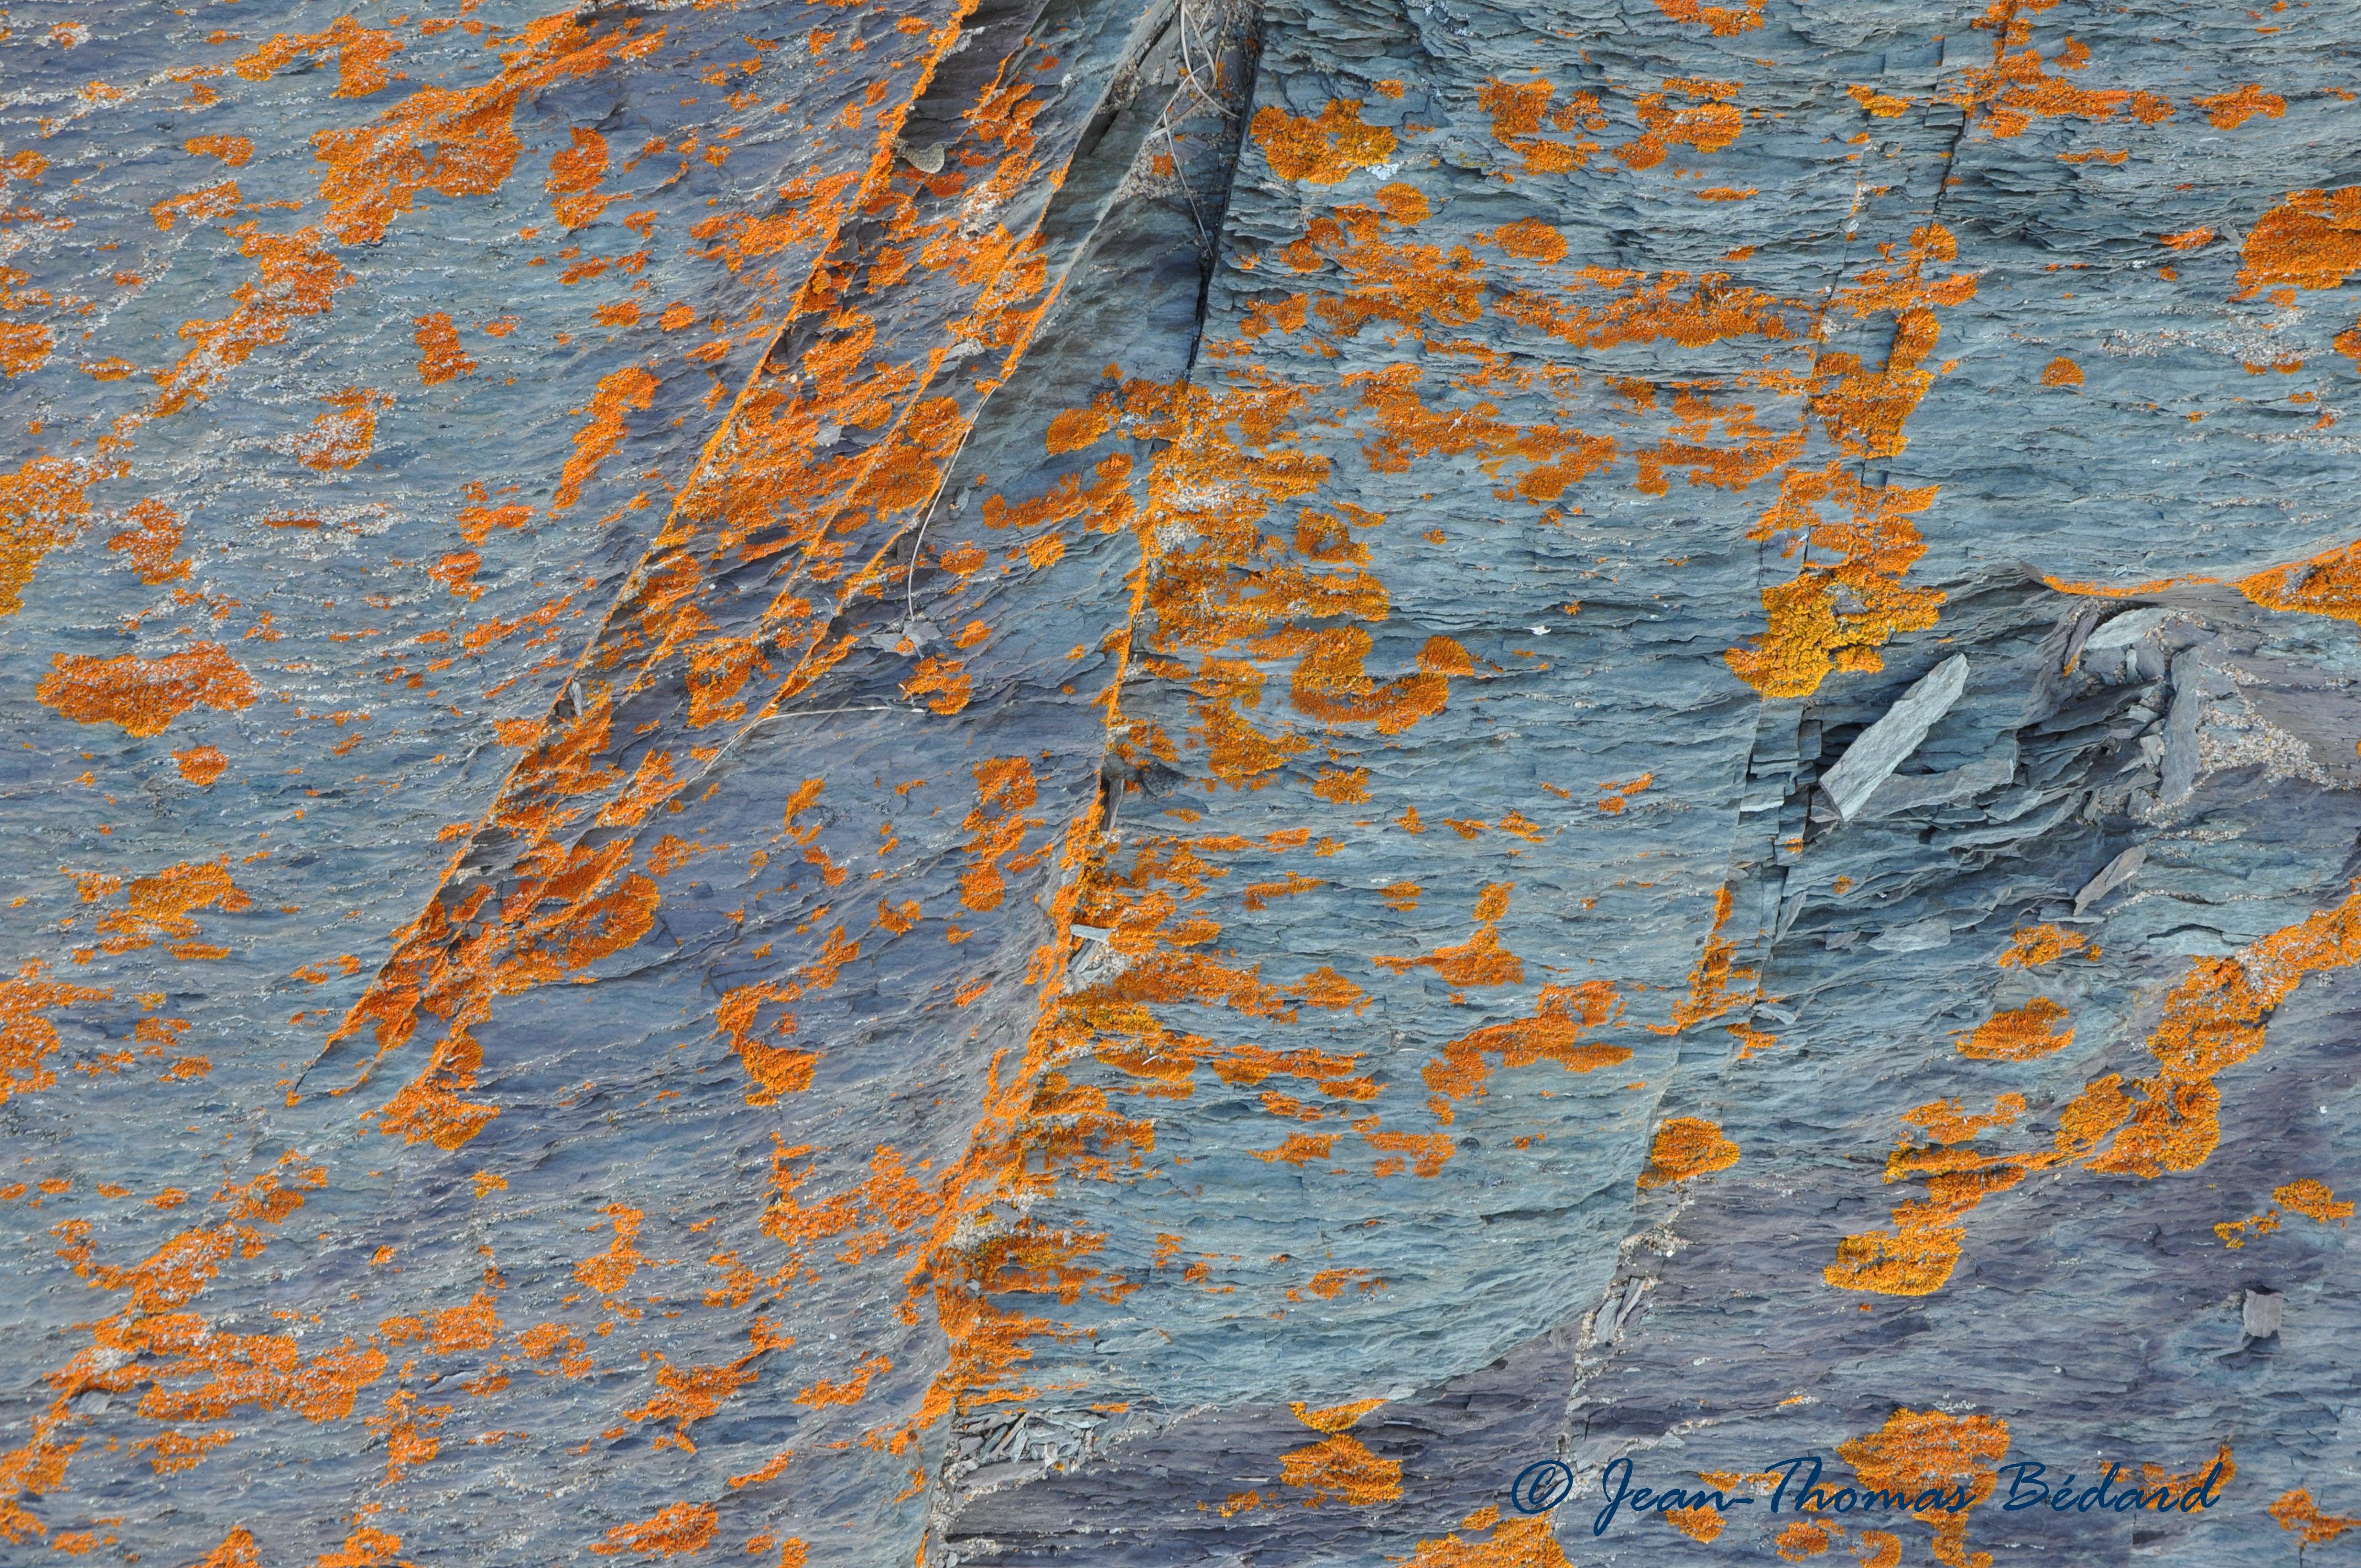 L'oeil du vent - L'Île Verte, 2014